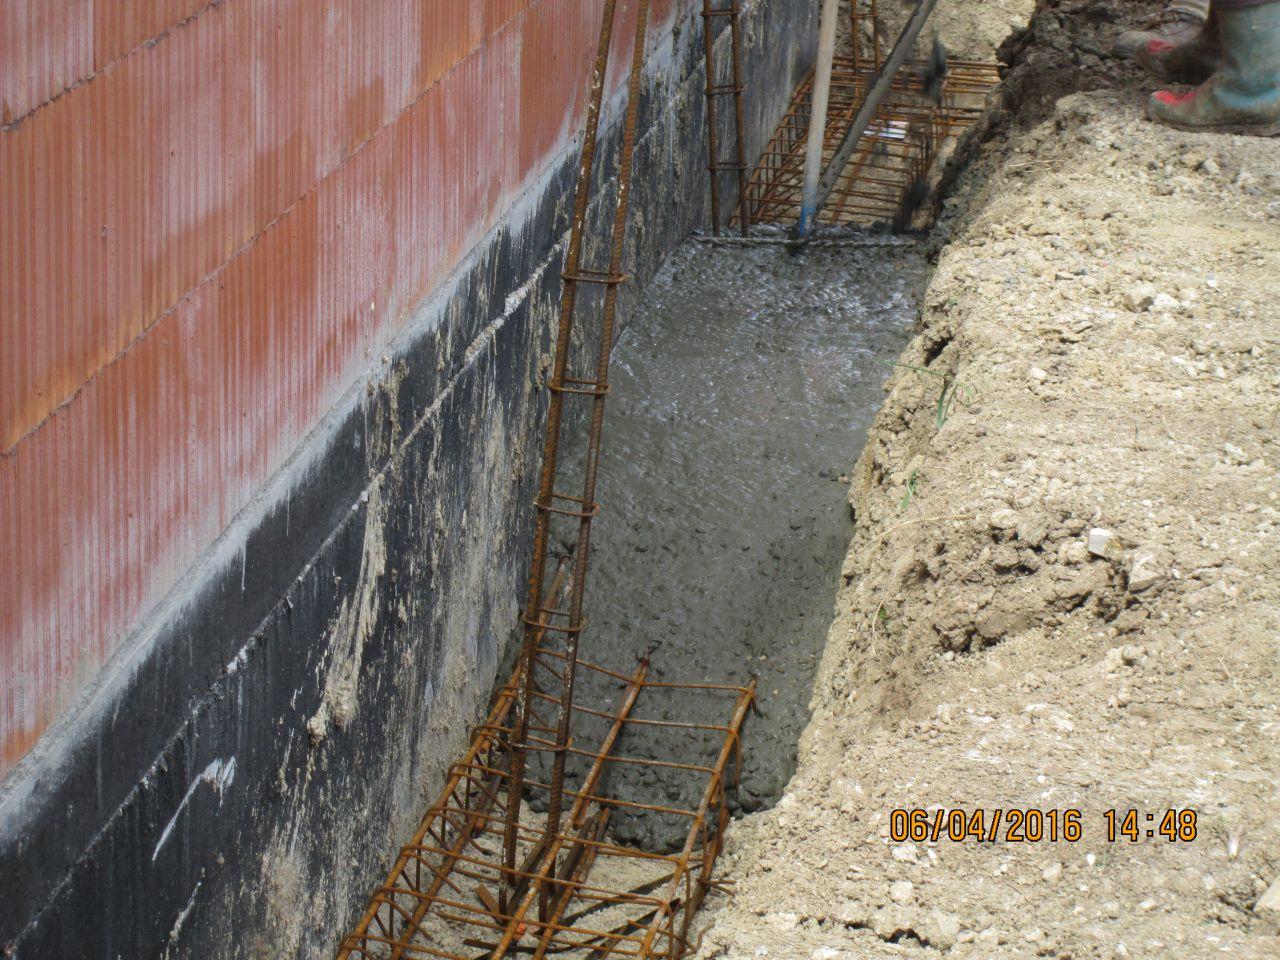 coulage des fondations du côté de la maison déjà construite : oubli de la plaque de polystyrene